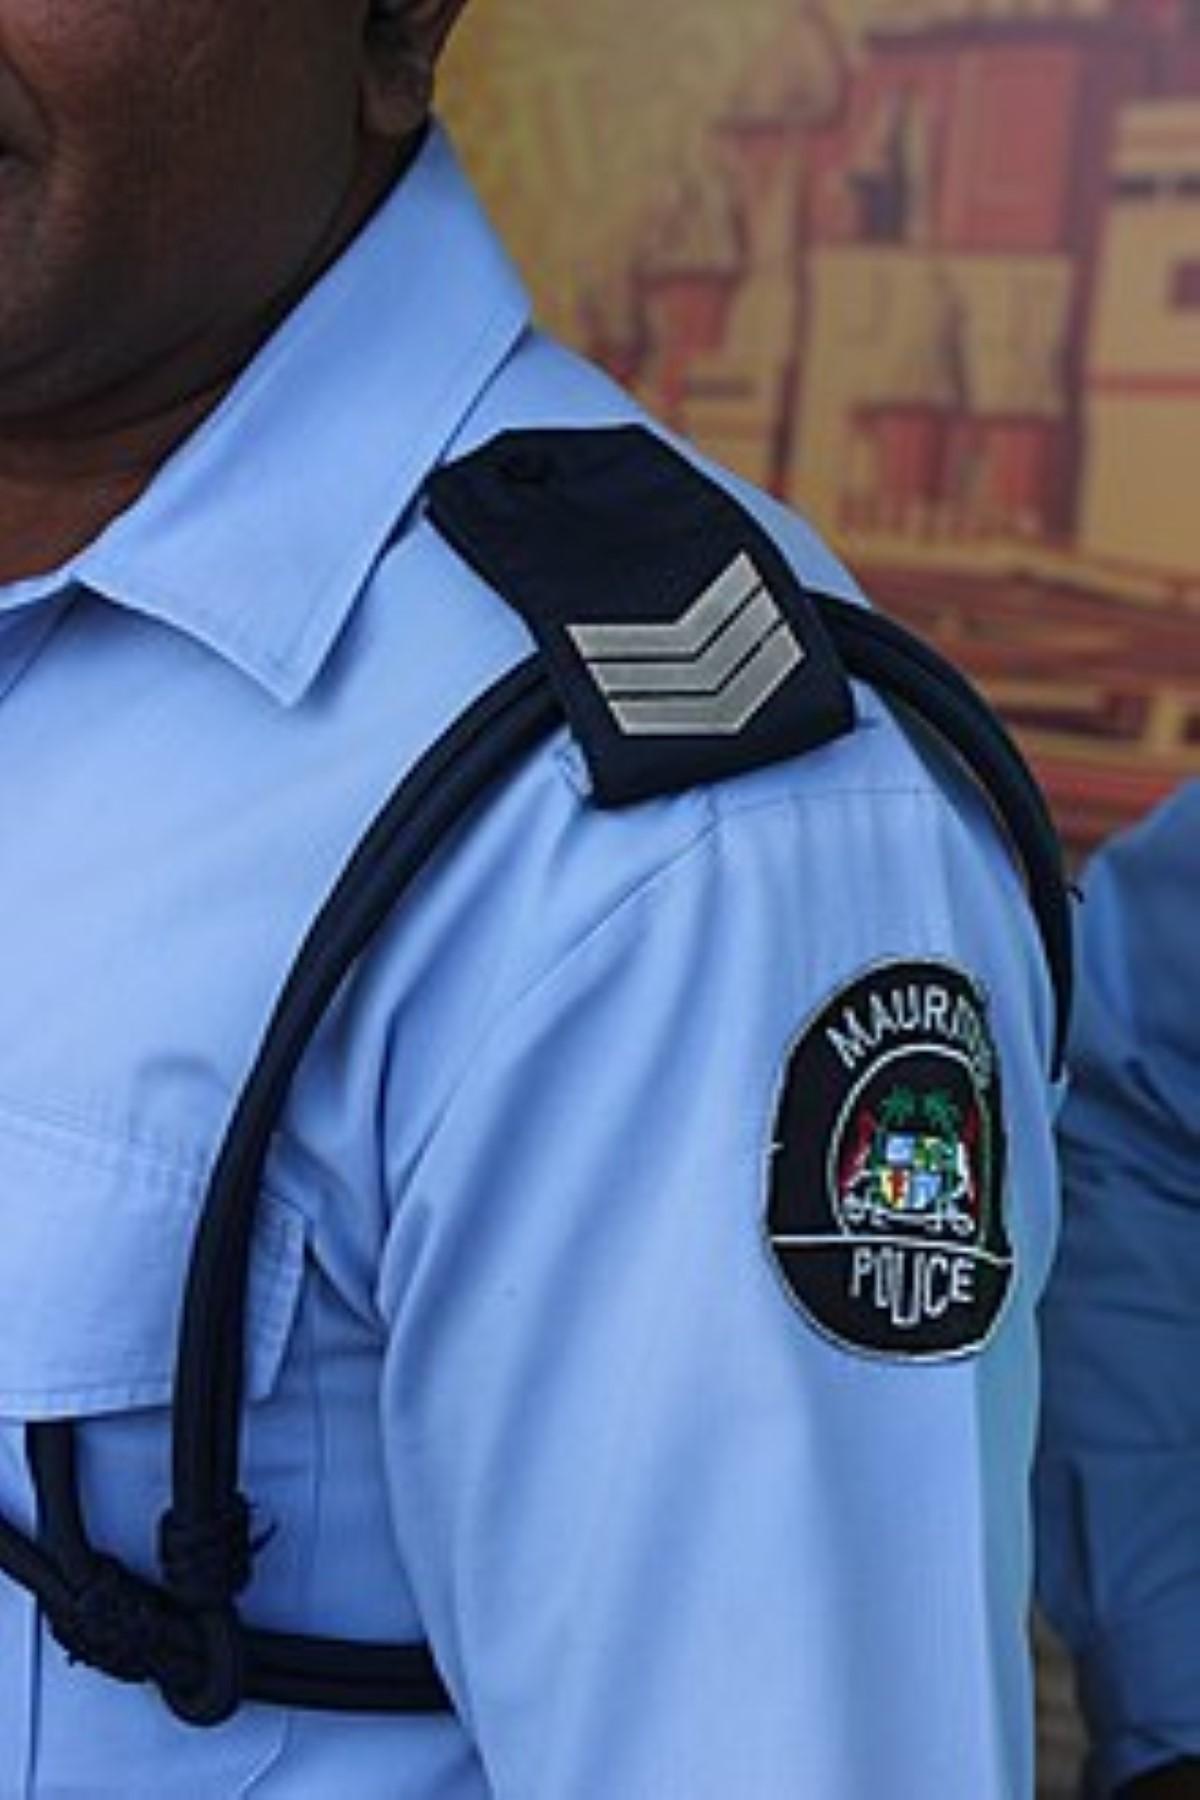 La Police Officers Solidarity Union : Retirez les policiers des supermarchés